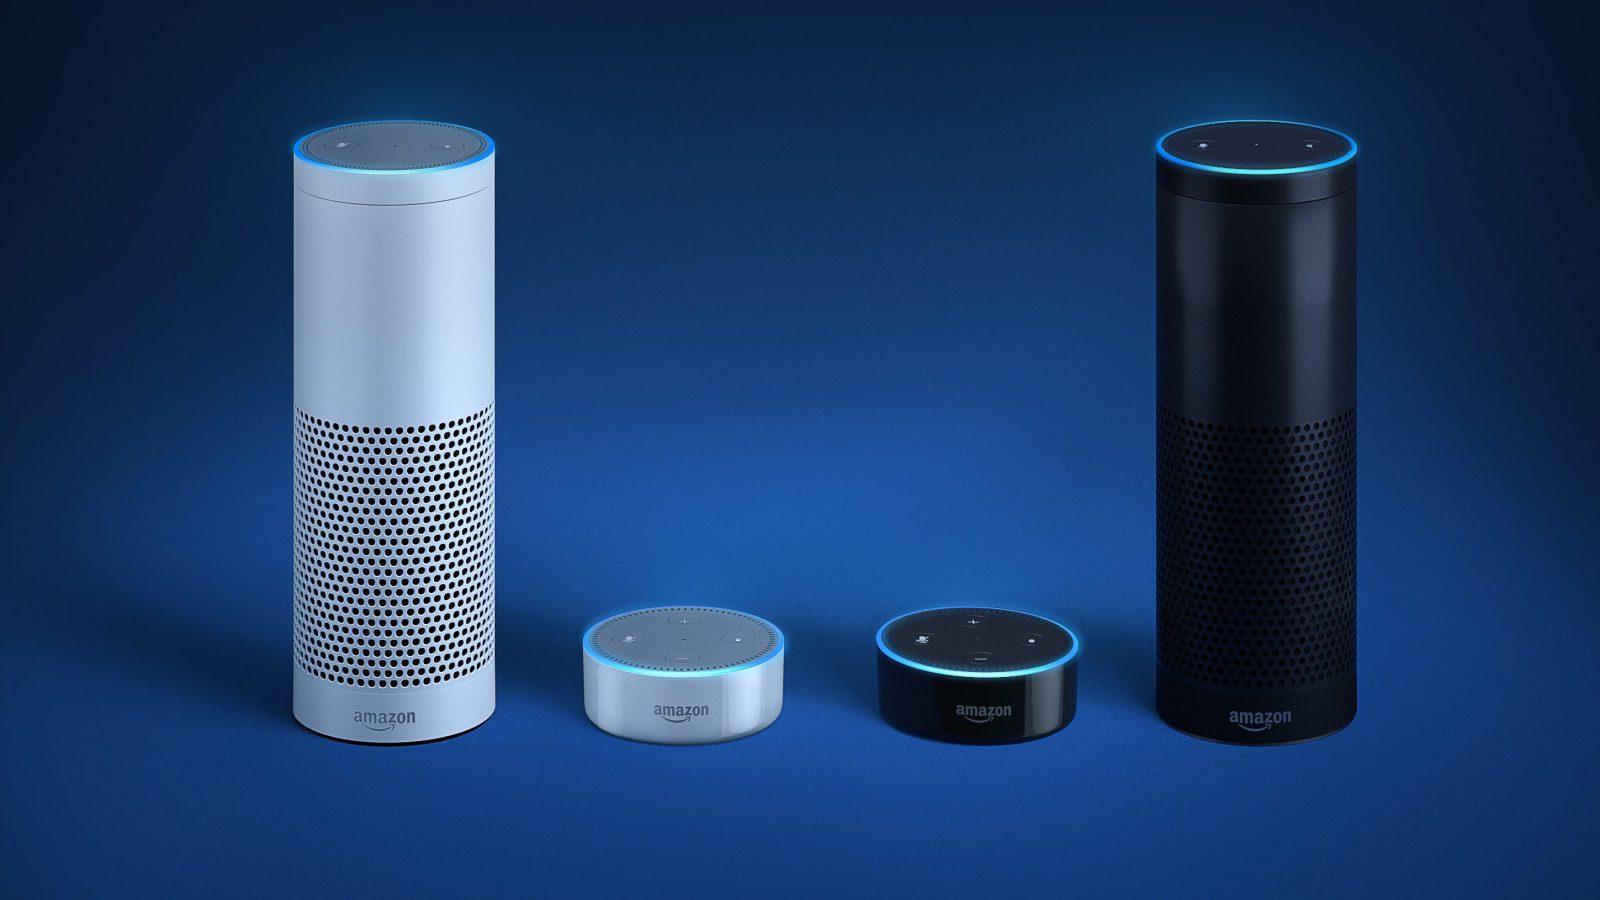 The Amazon Echo and Echo Dot.